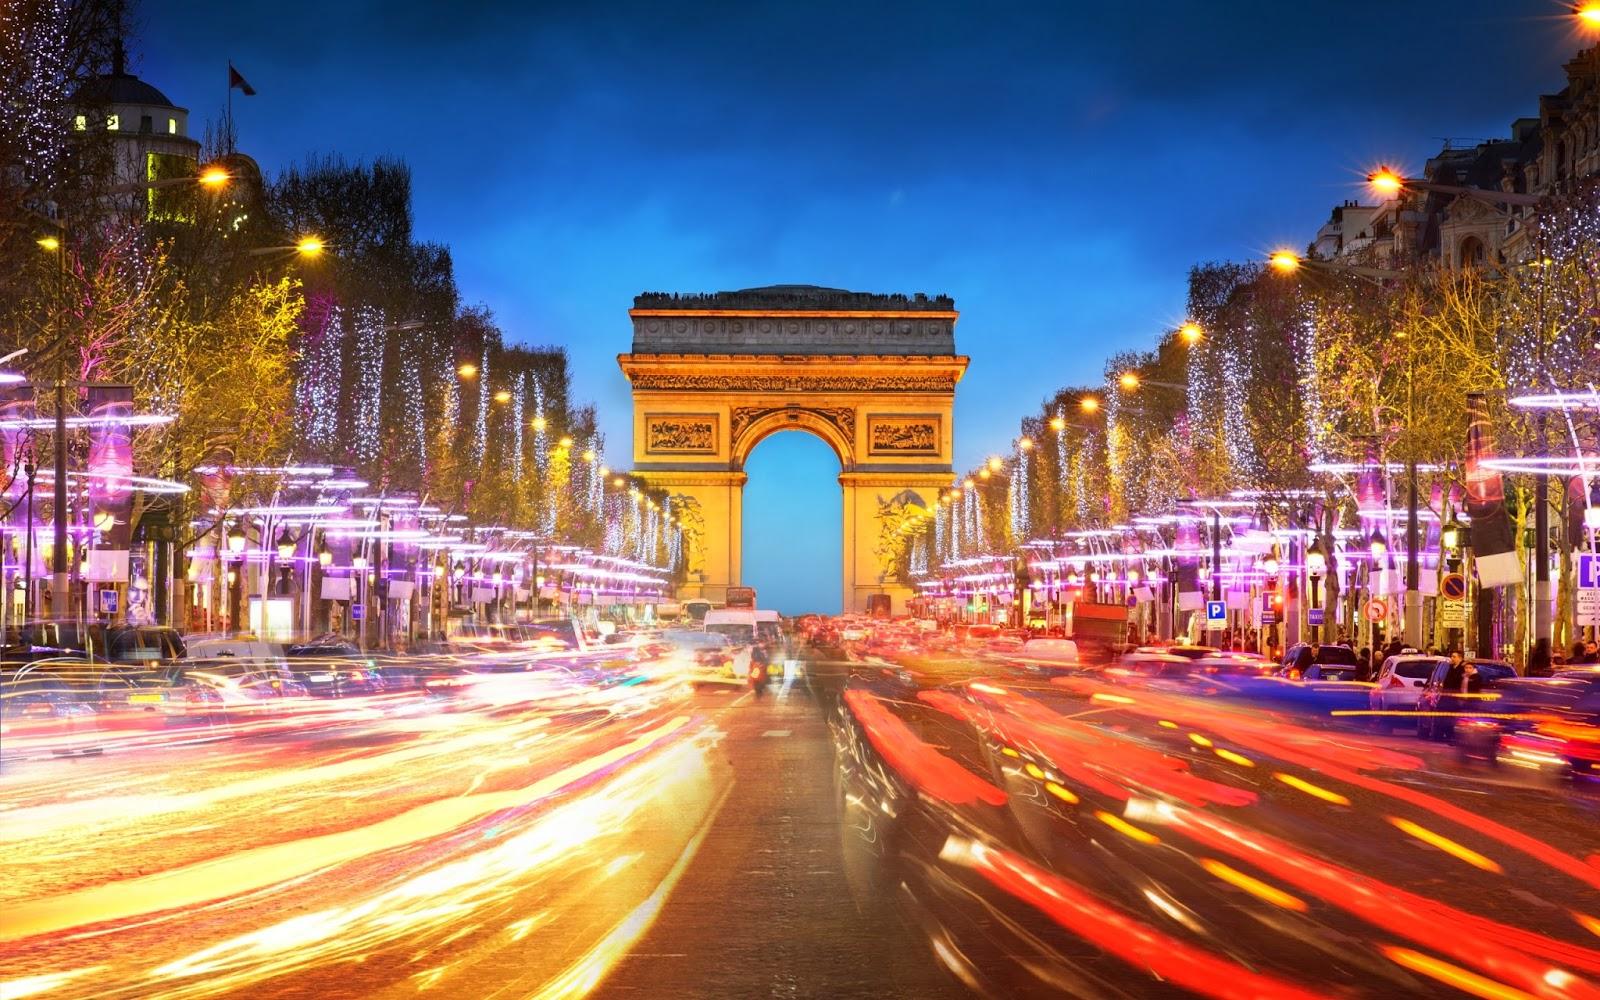 Fotos de El Arco de Triunfo de Paris francia